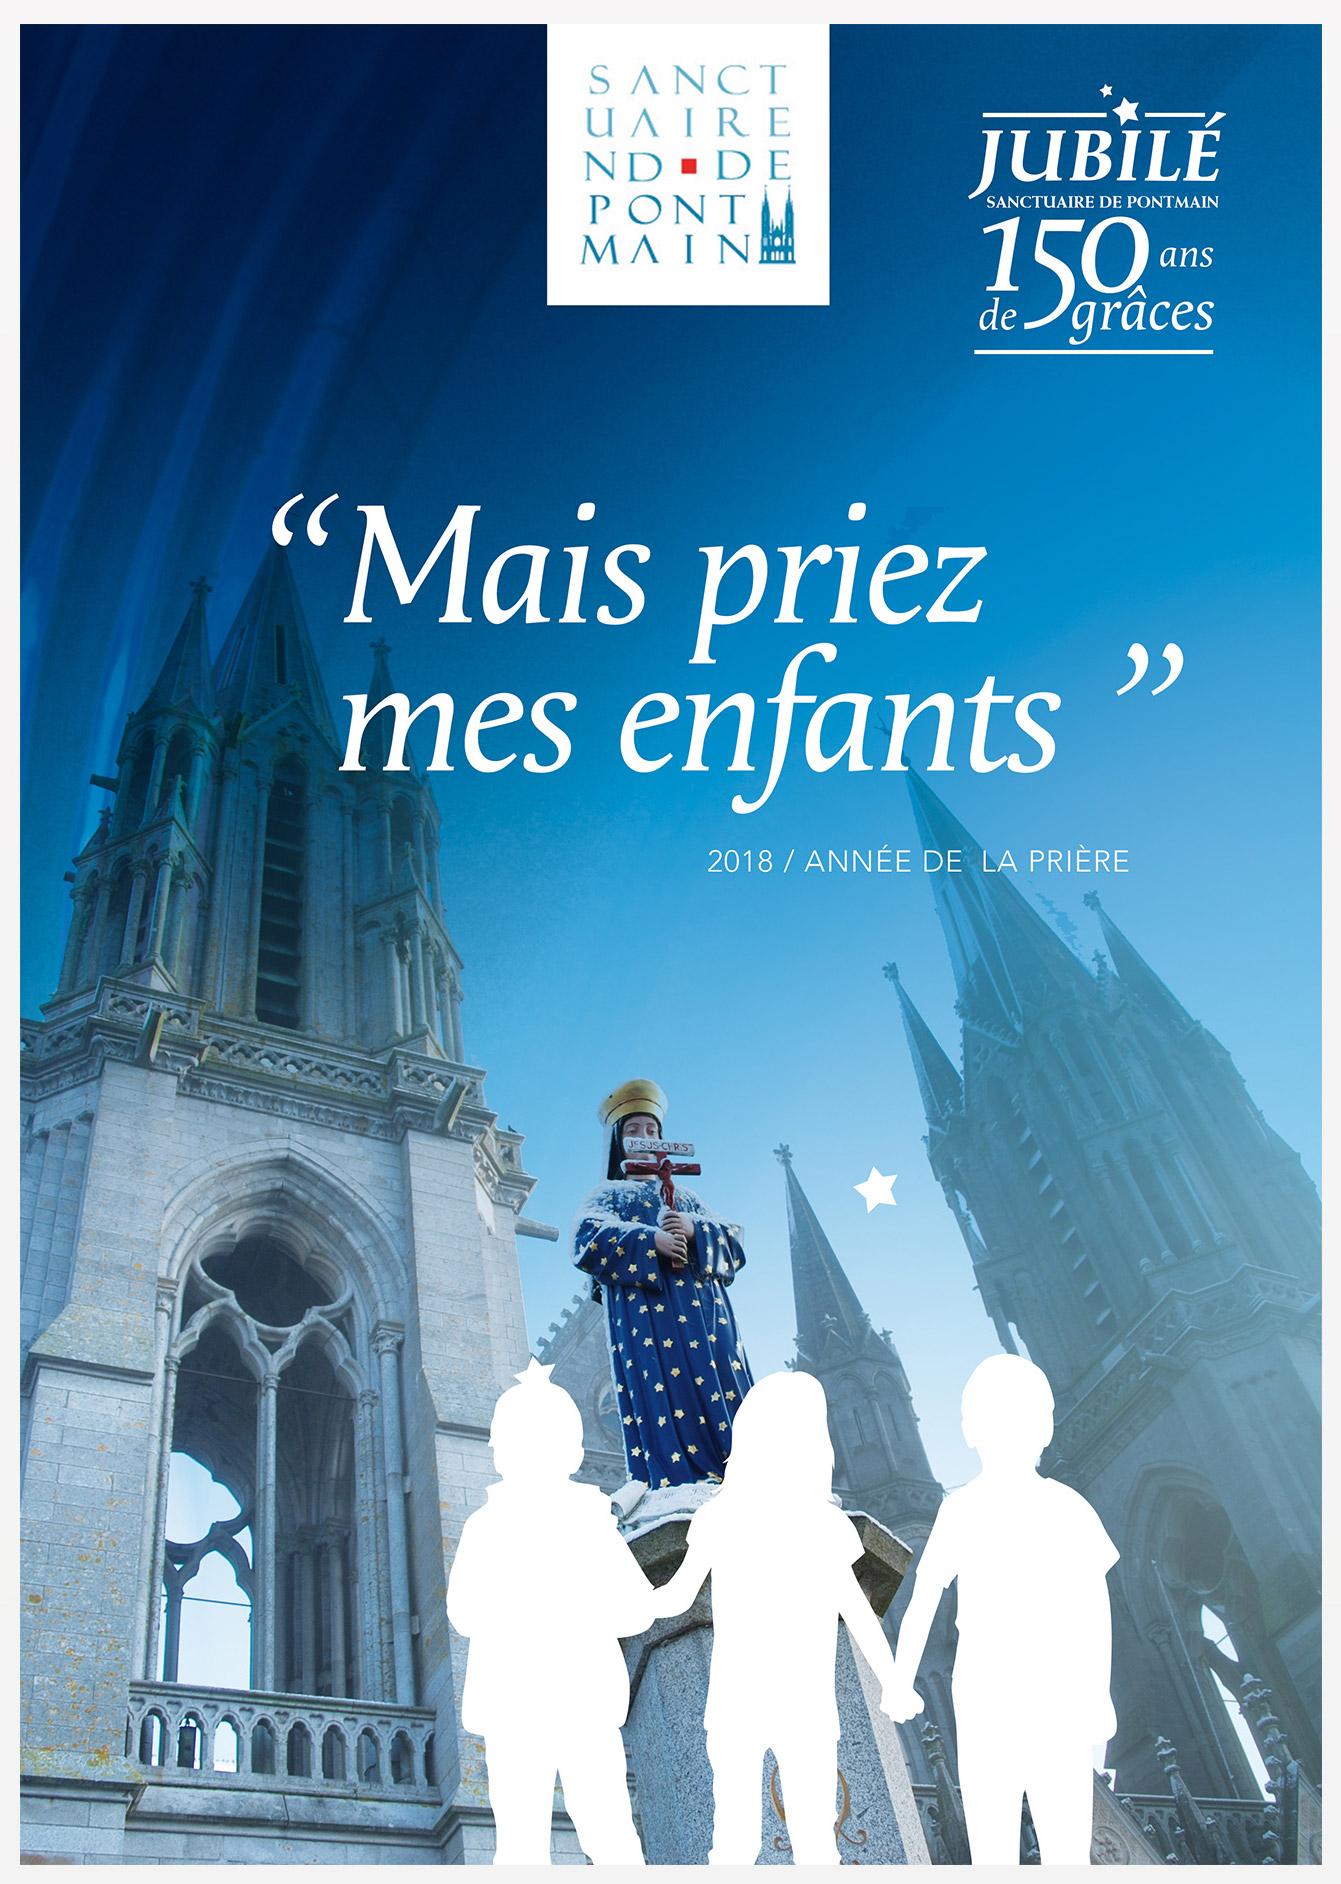 147e anniversaire de l'apparition de Pontmain (53) du 13 au 21 janvier 2018